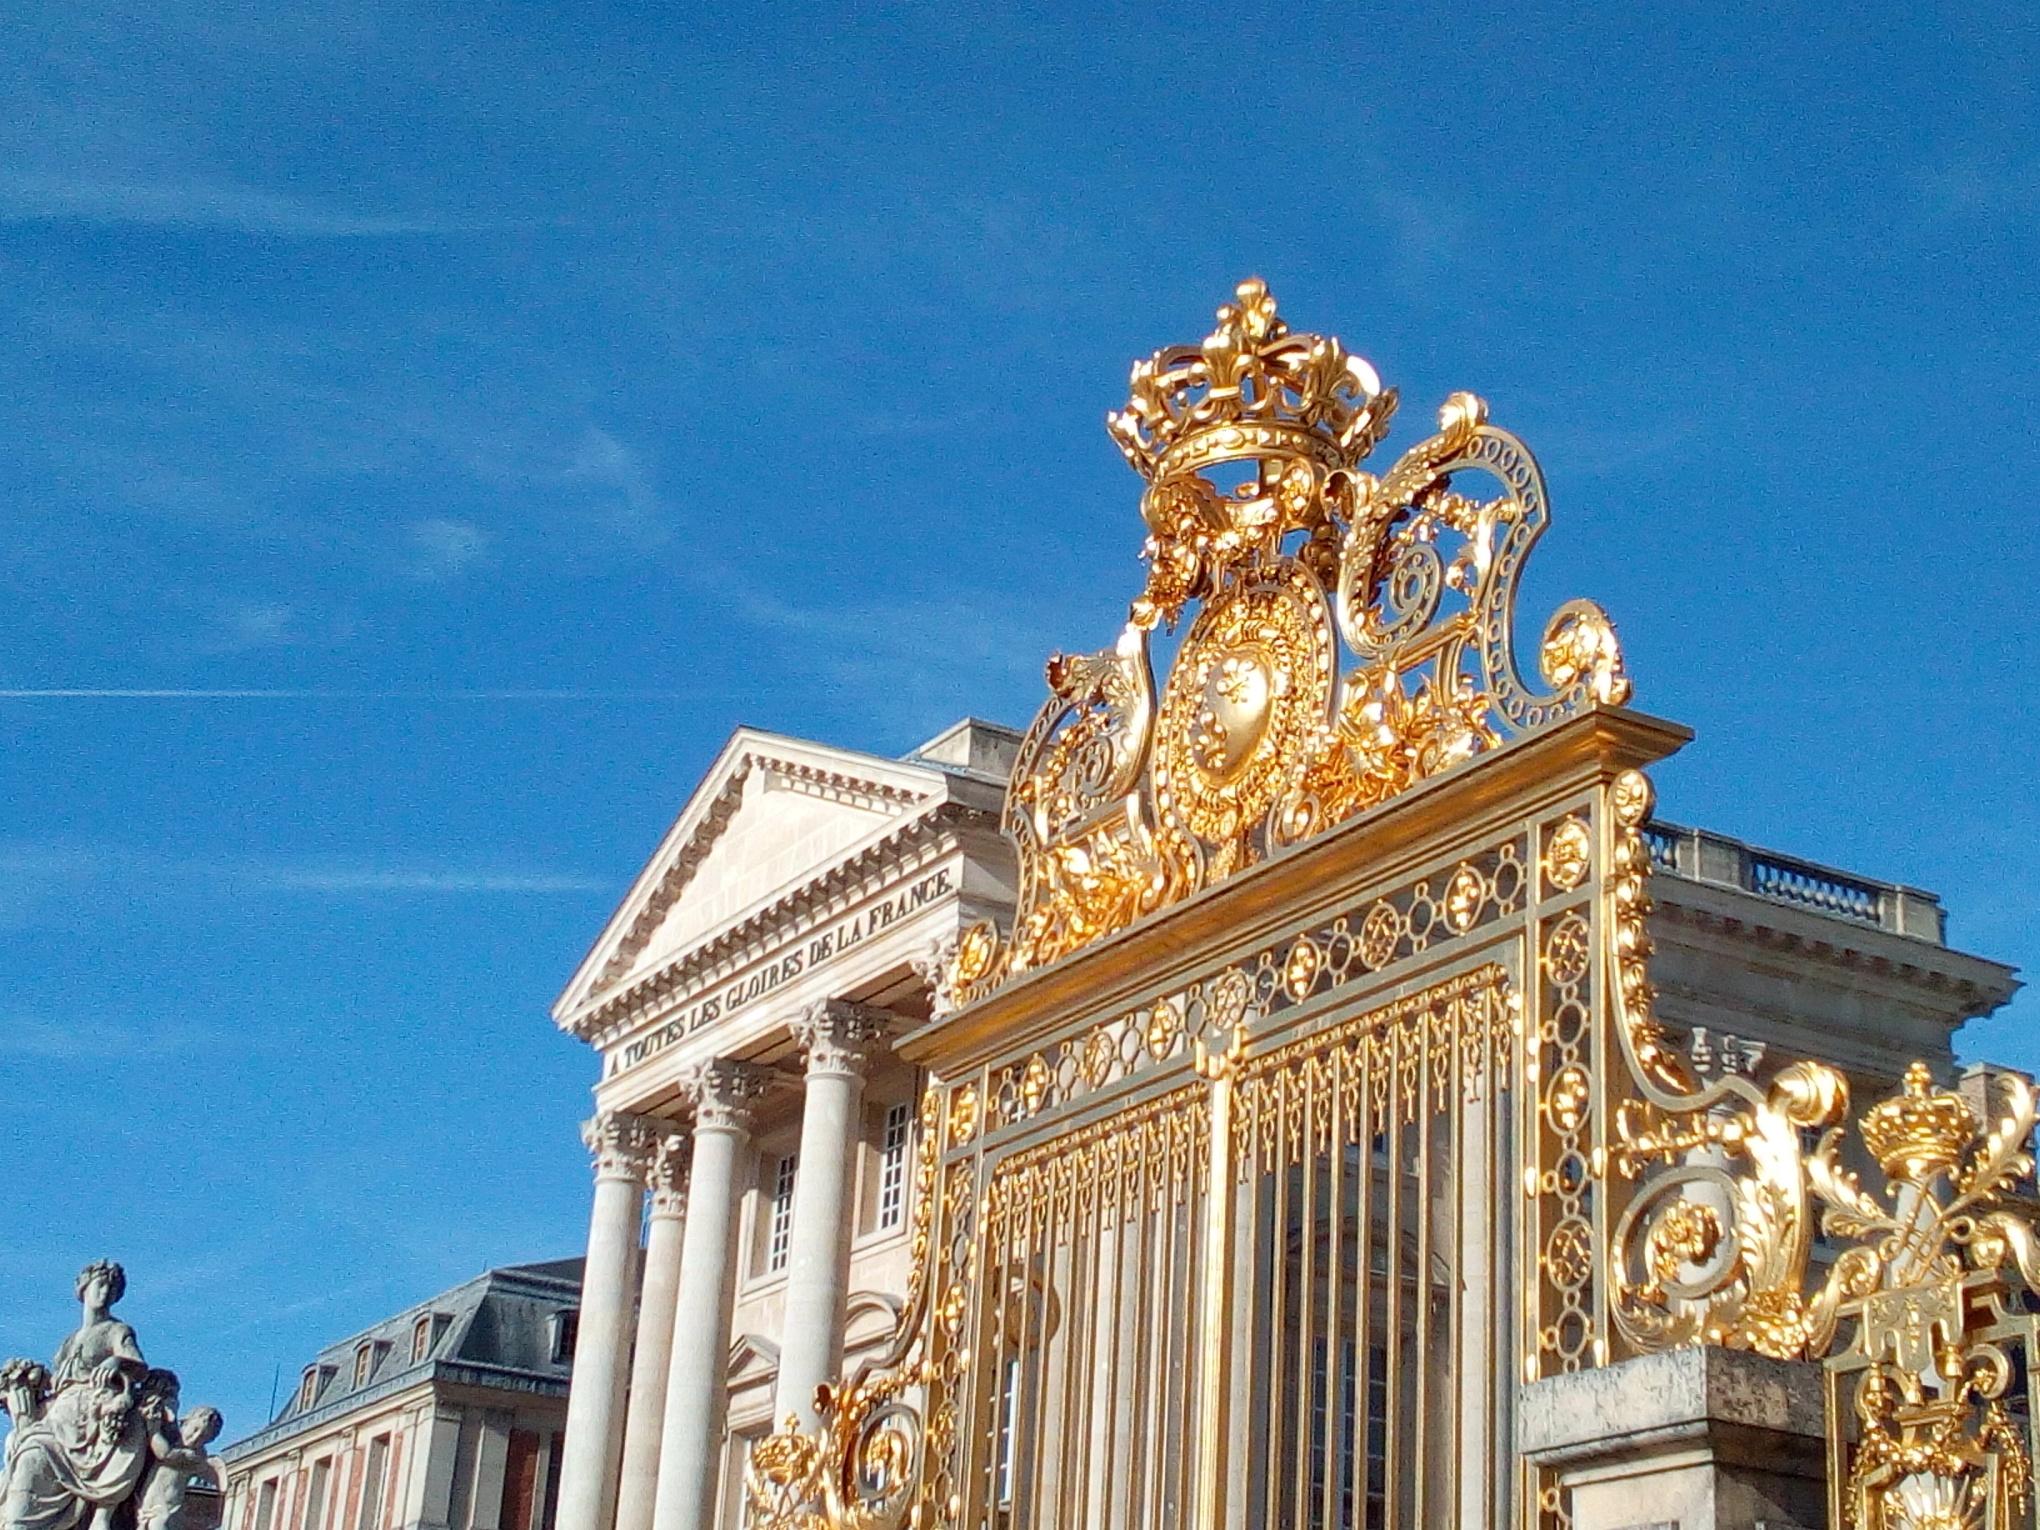 Grille de la Cour d'Honneur du château de Versailles 3